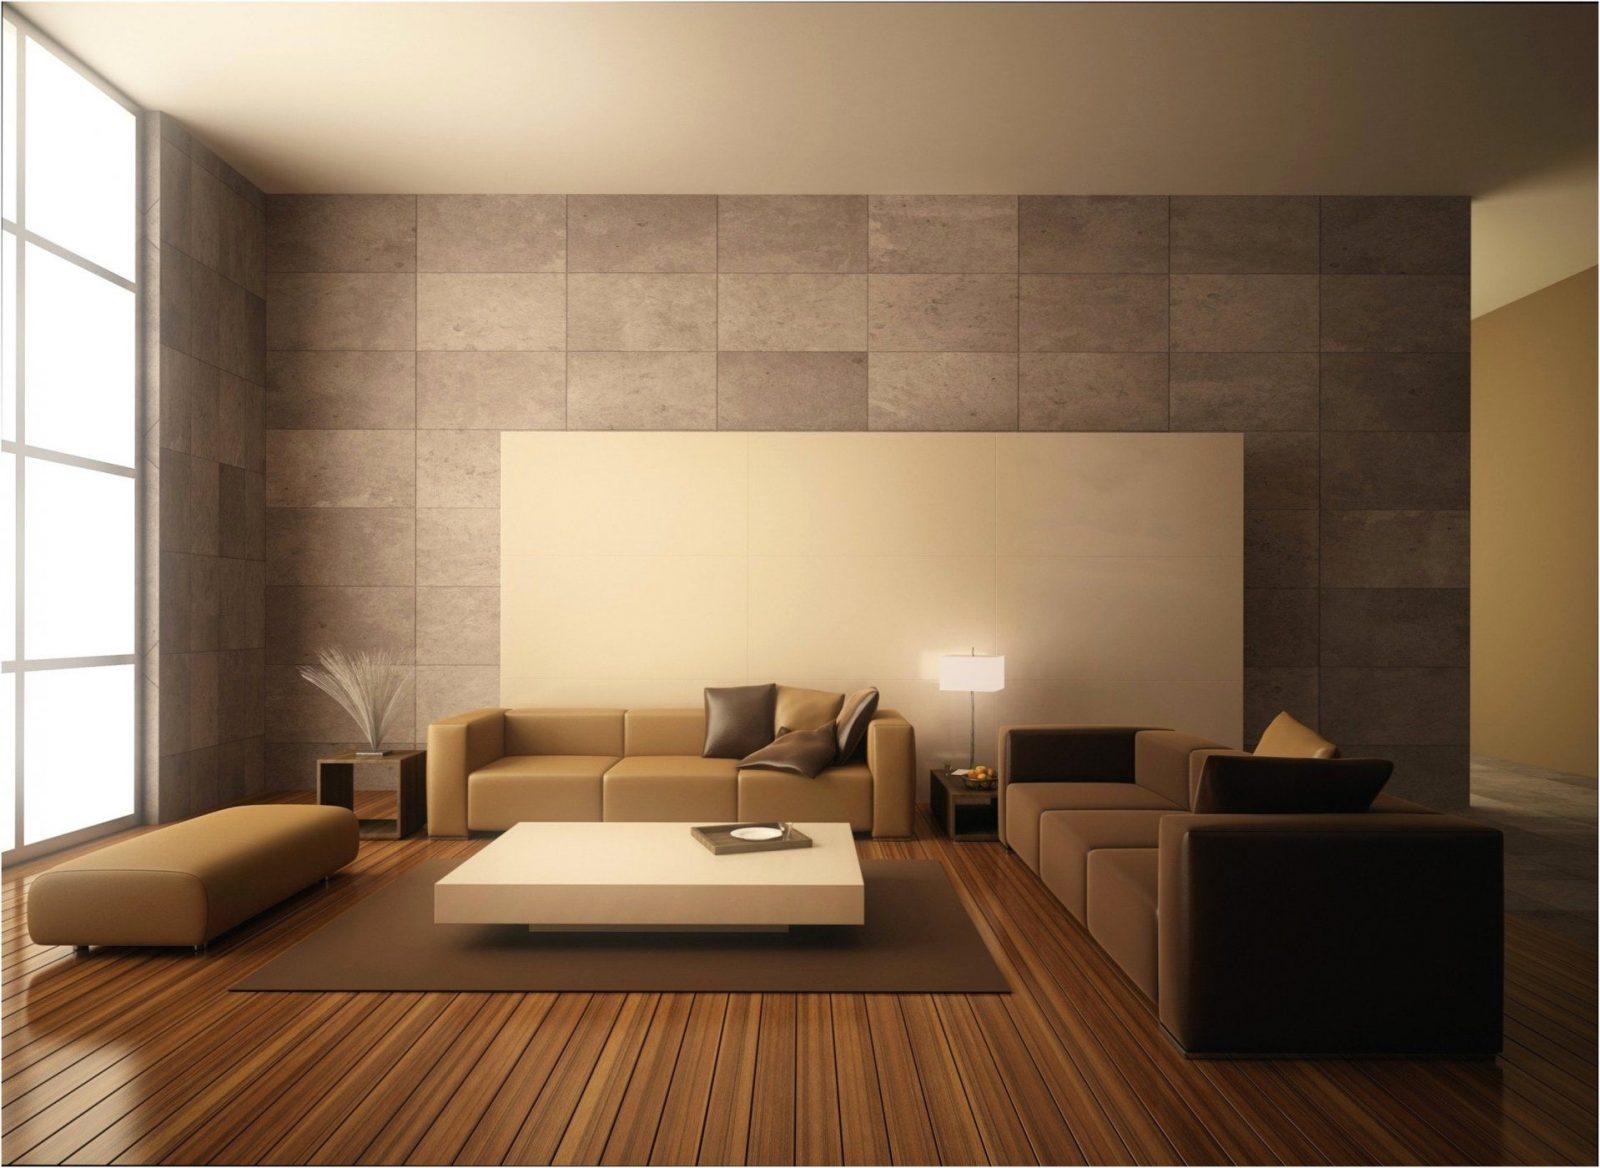 Welche Wandfarbe Passt Zu Dunklen Möbeln Mit Mbeln Best Stunning von Wandfarbe Zu Dunklen Möbeln Photo